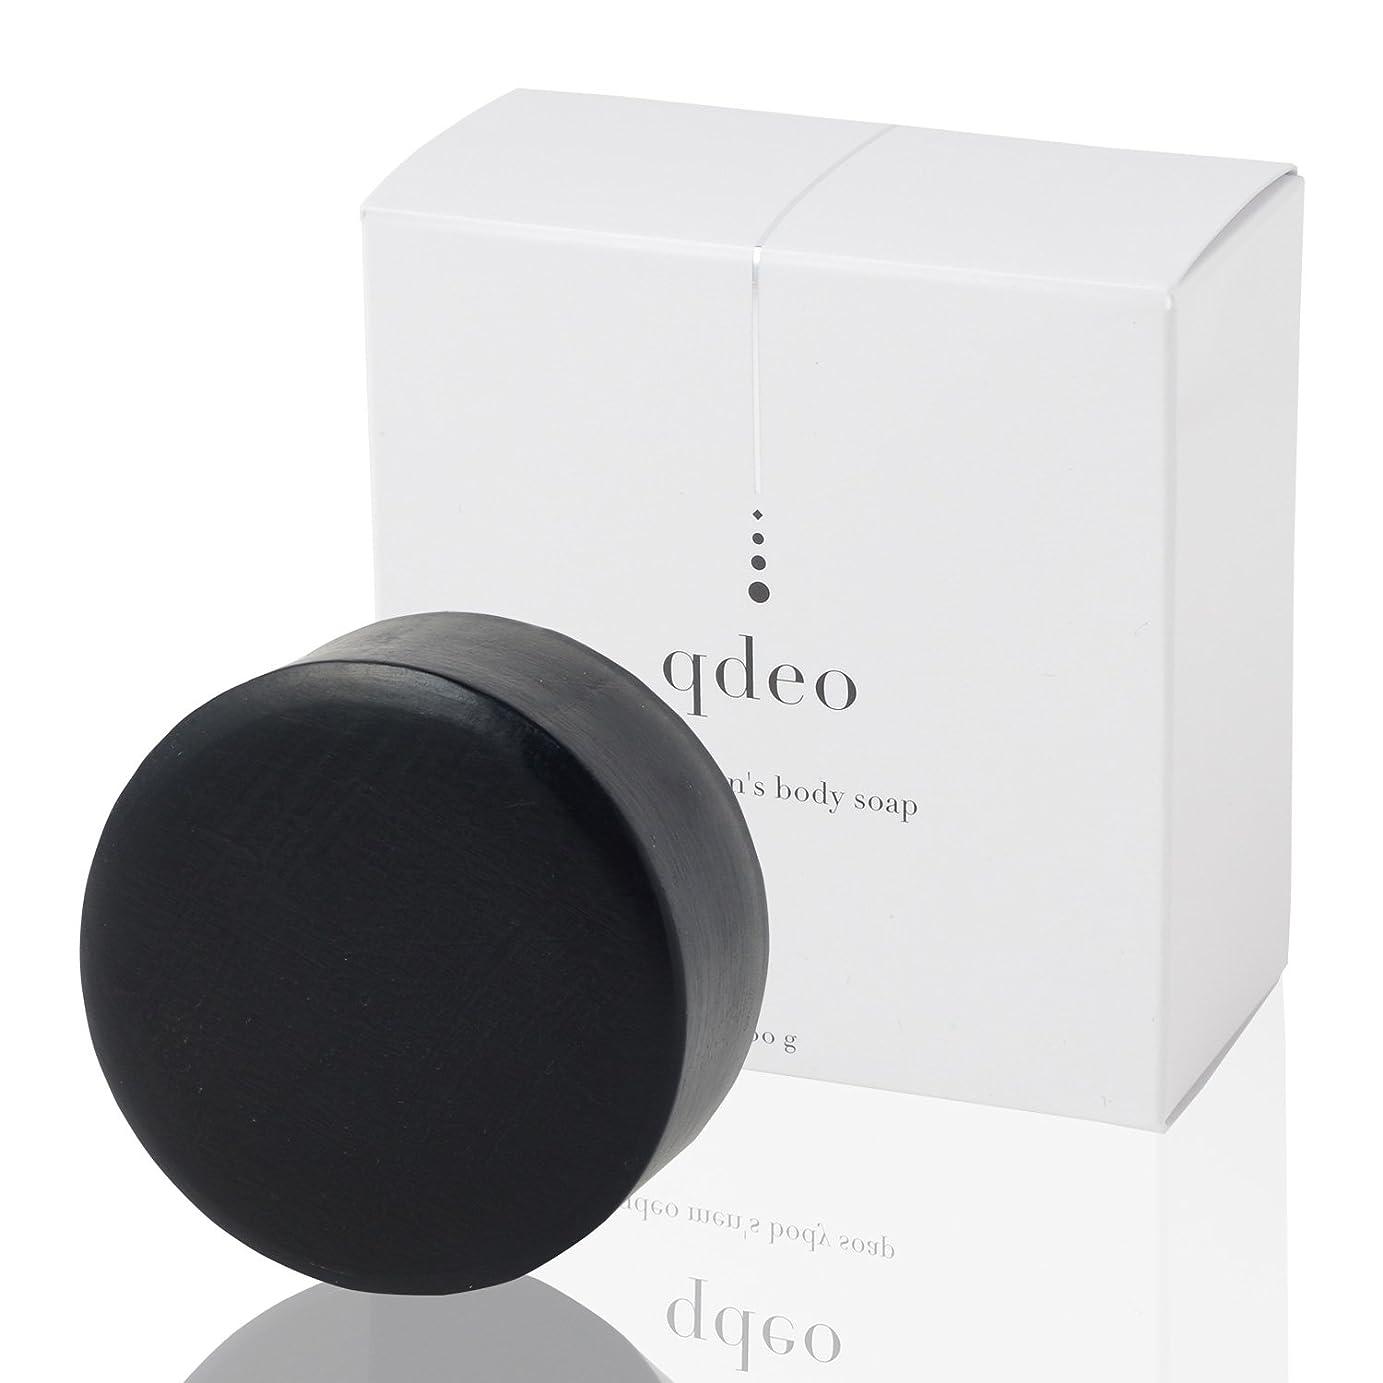 失効航海の価値クデオ メンズ ボディソープ 100g 石鹸 固形 体臭 ワキガ 足の臭い 加齢臭 デリケートゾーン